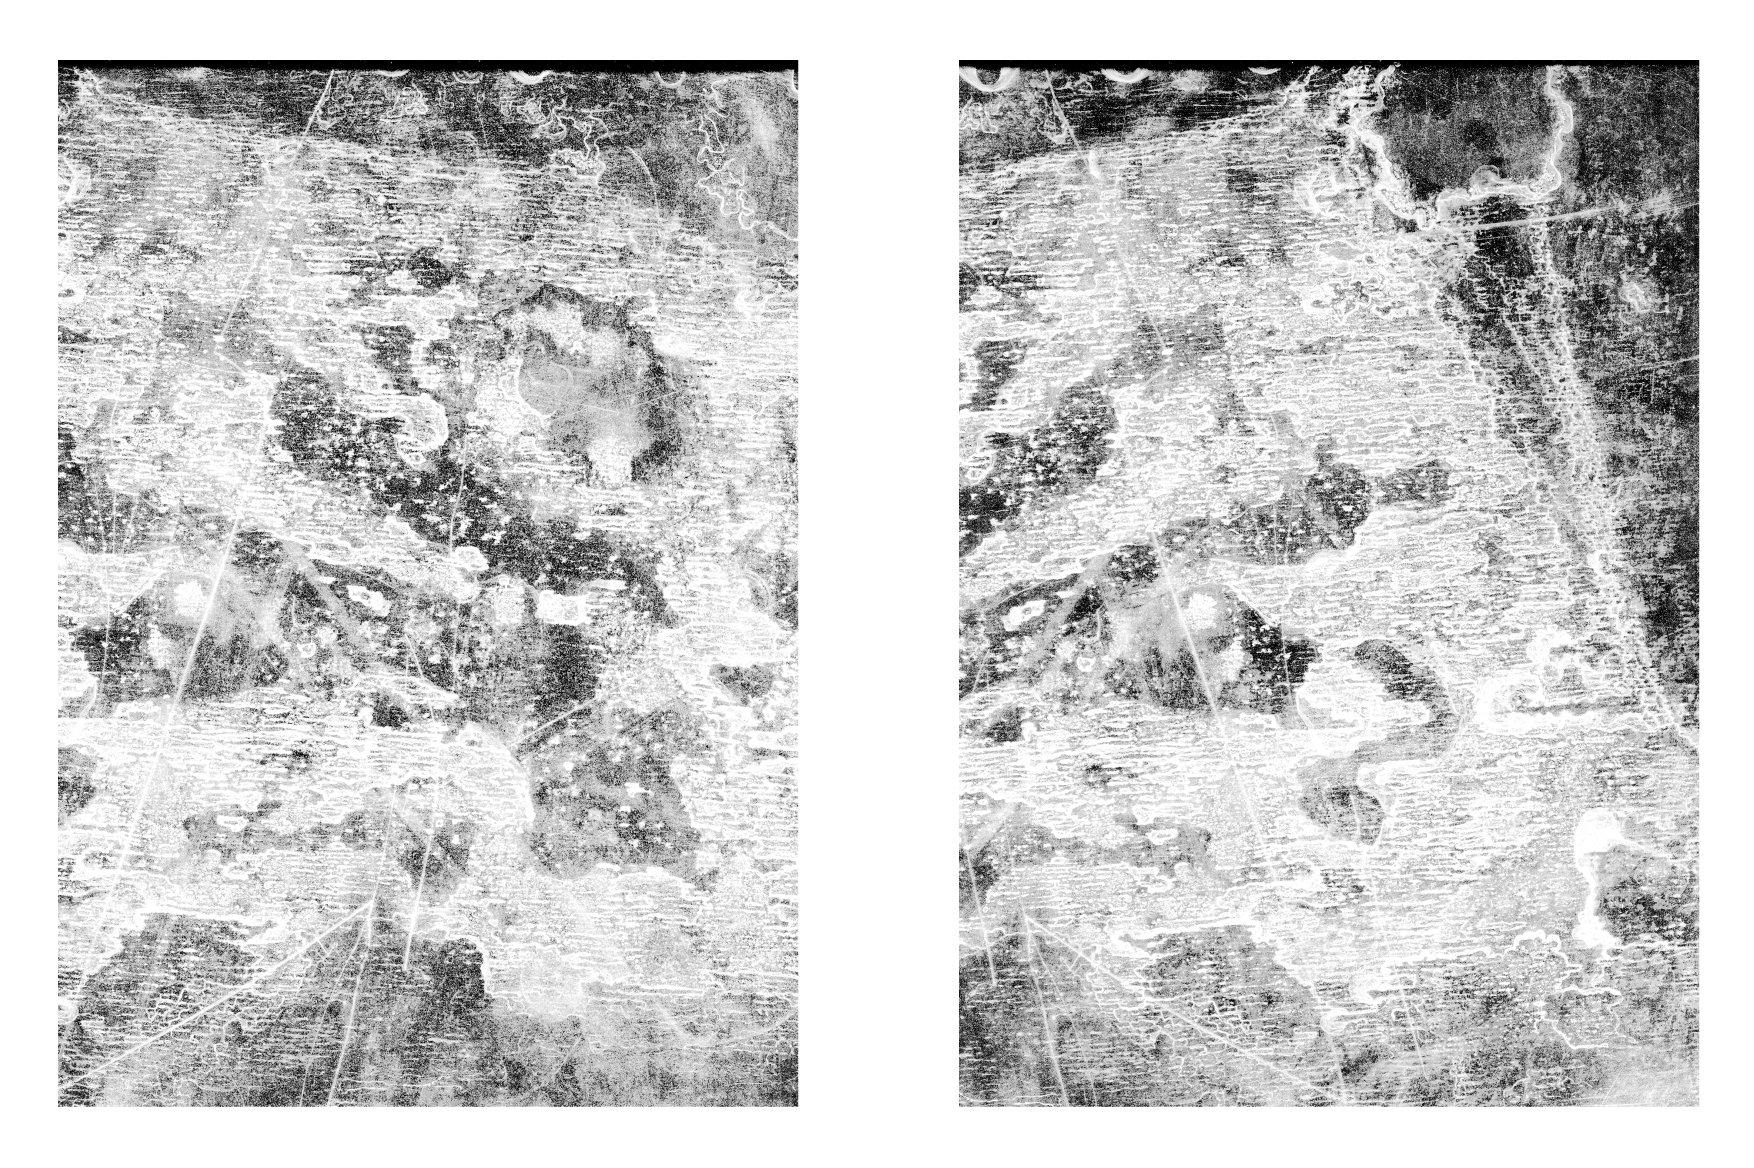 156款复古做旧折痕磨损褶皱纸张背景纹理素材合集 The Grunge Texture Bundle Vol. 1插图(27)